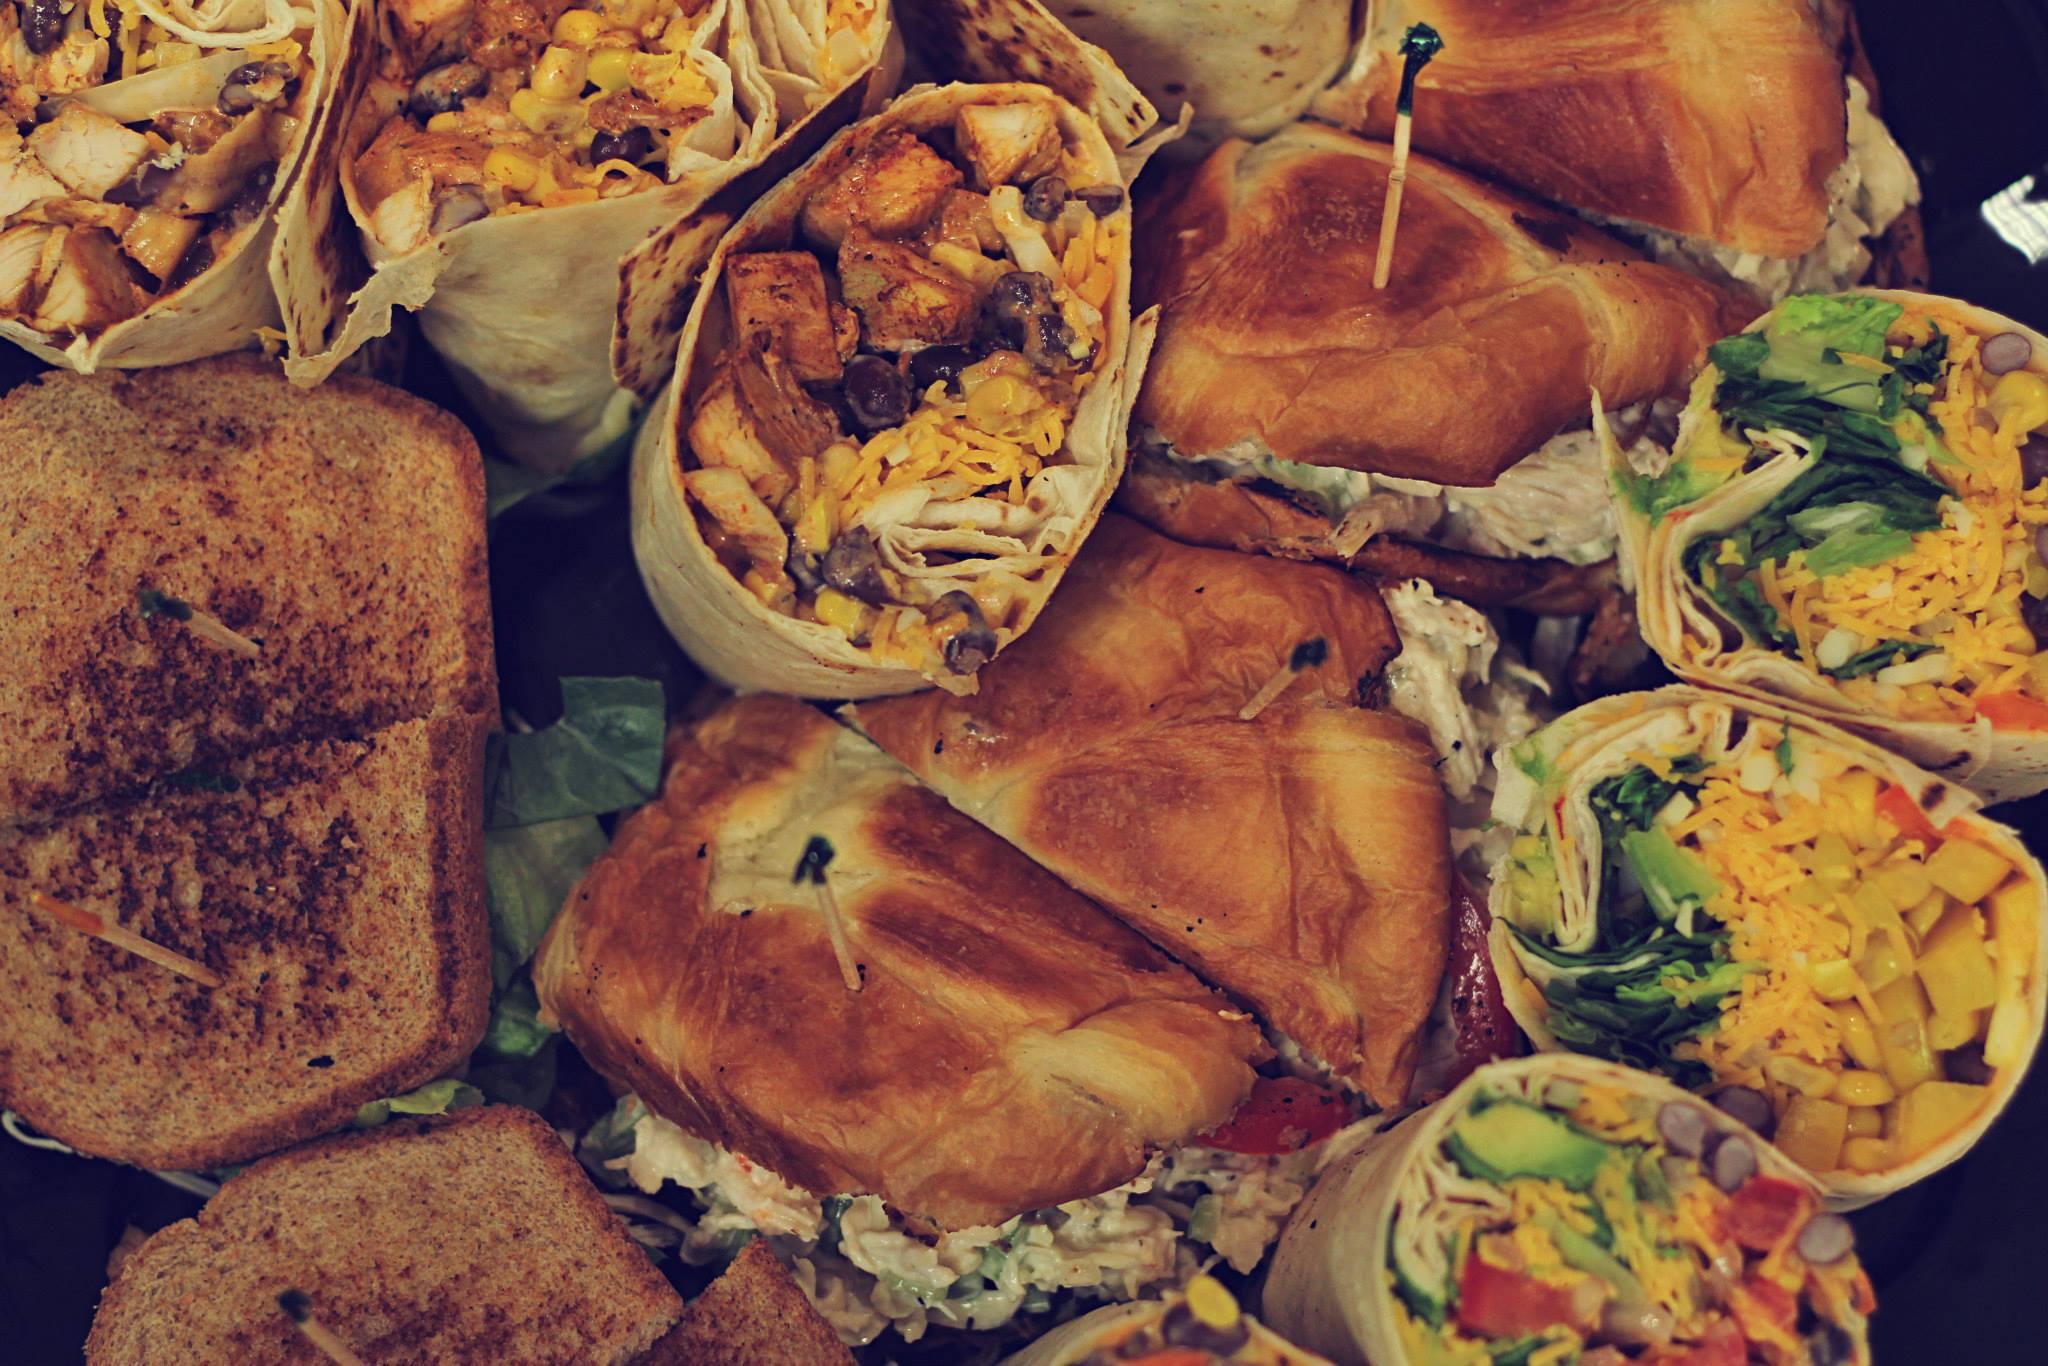 Assorted Gourmet Sandwich Platter